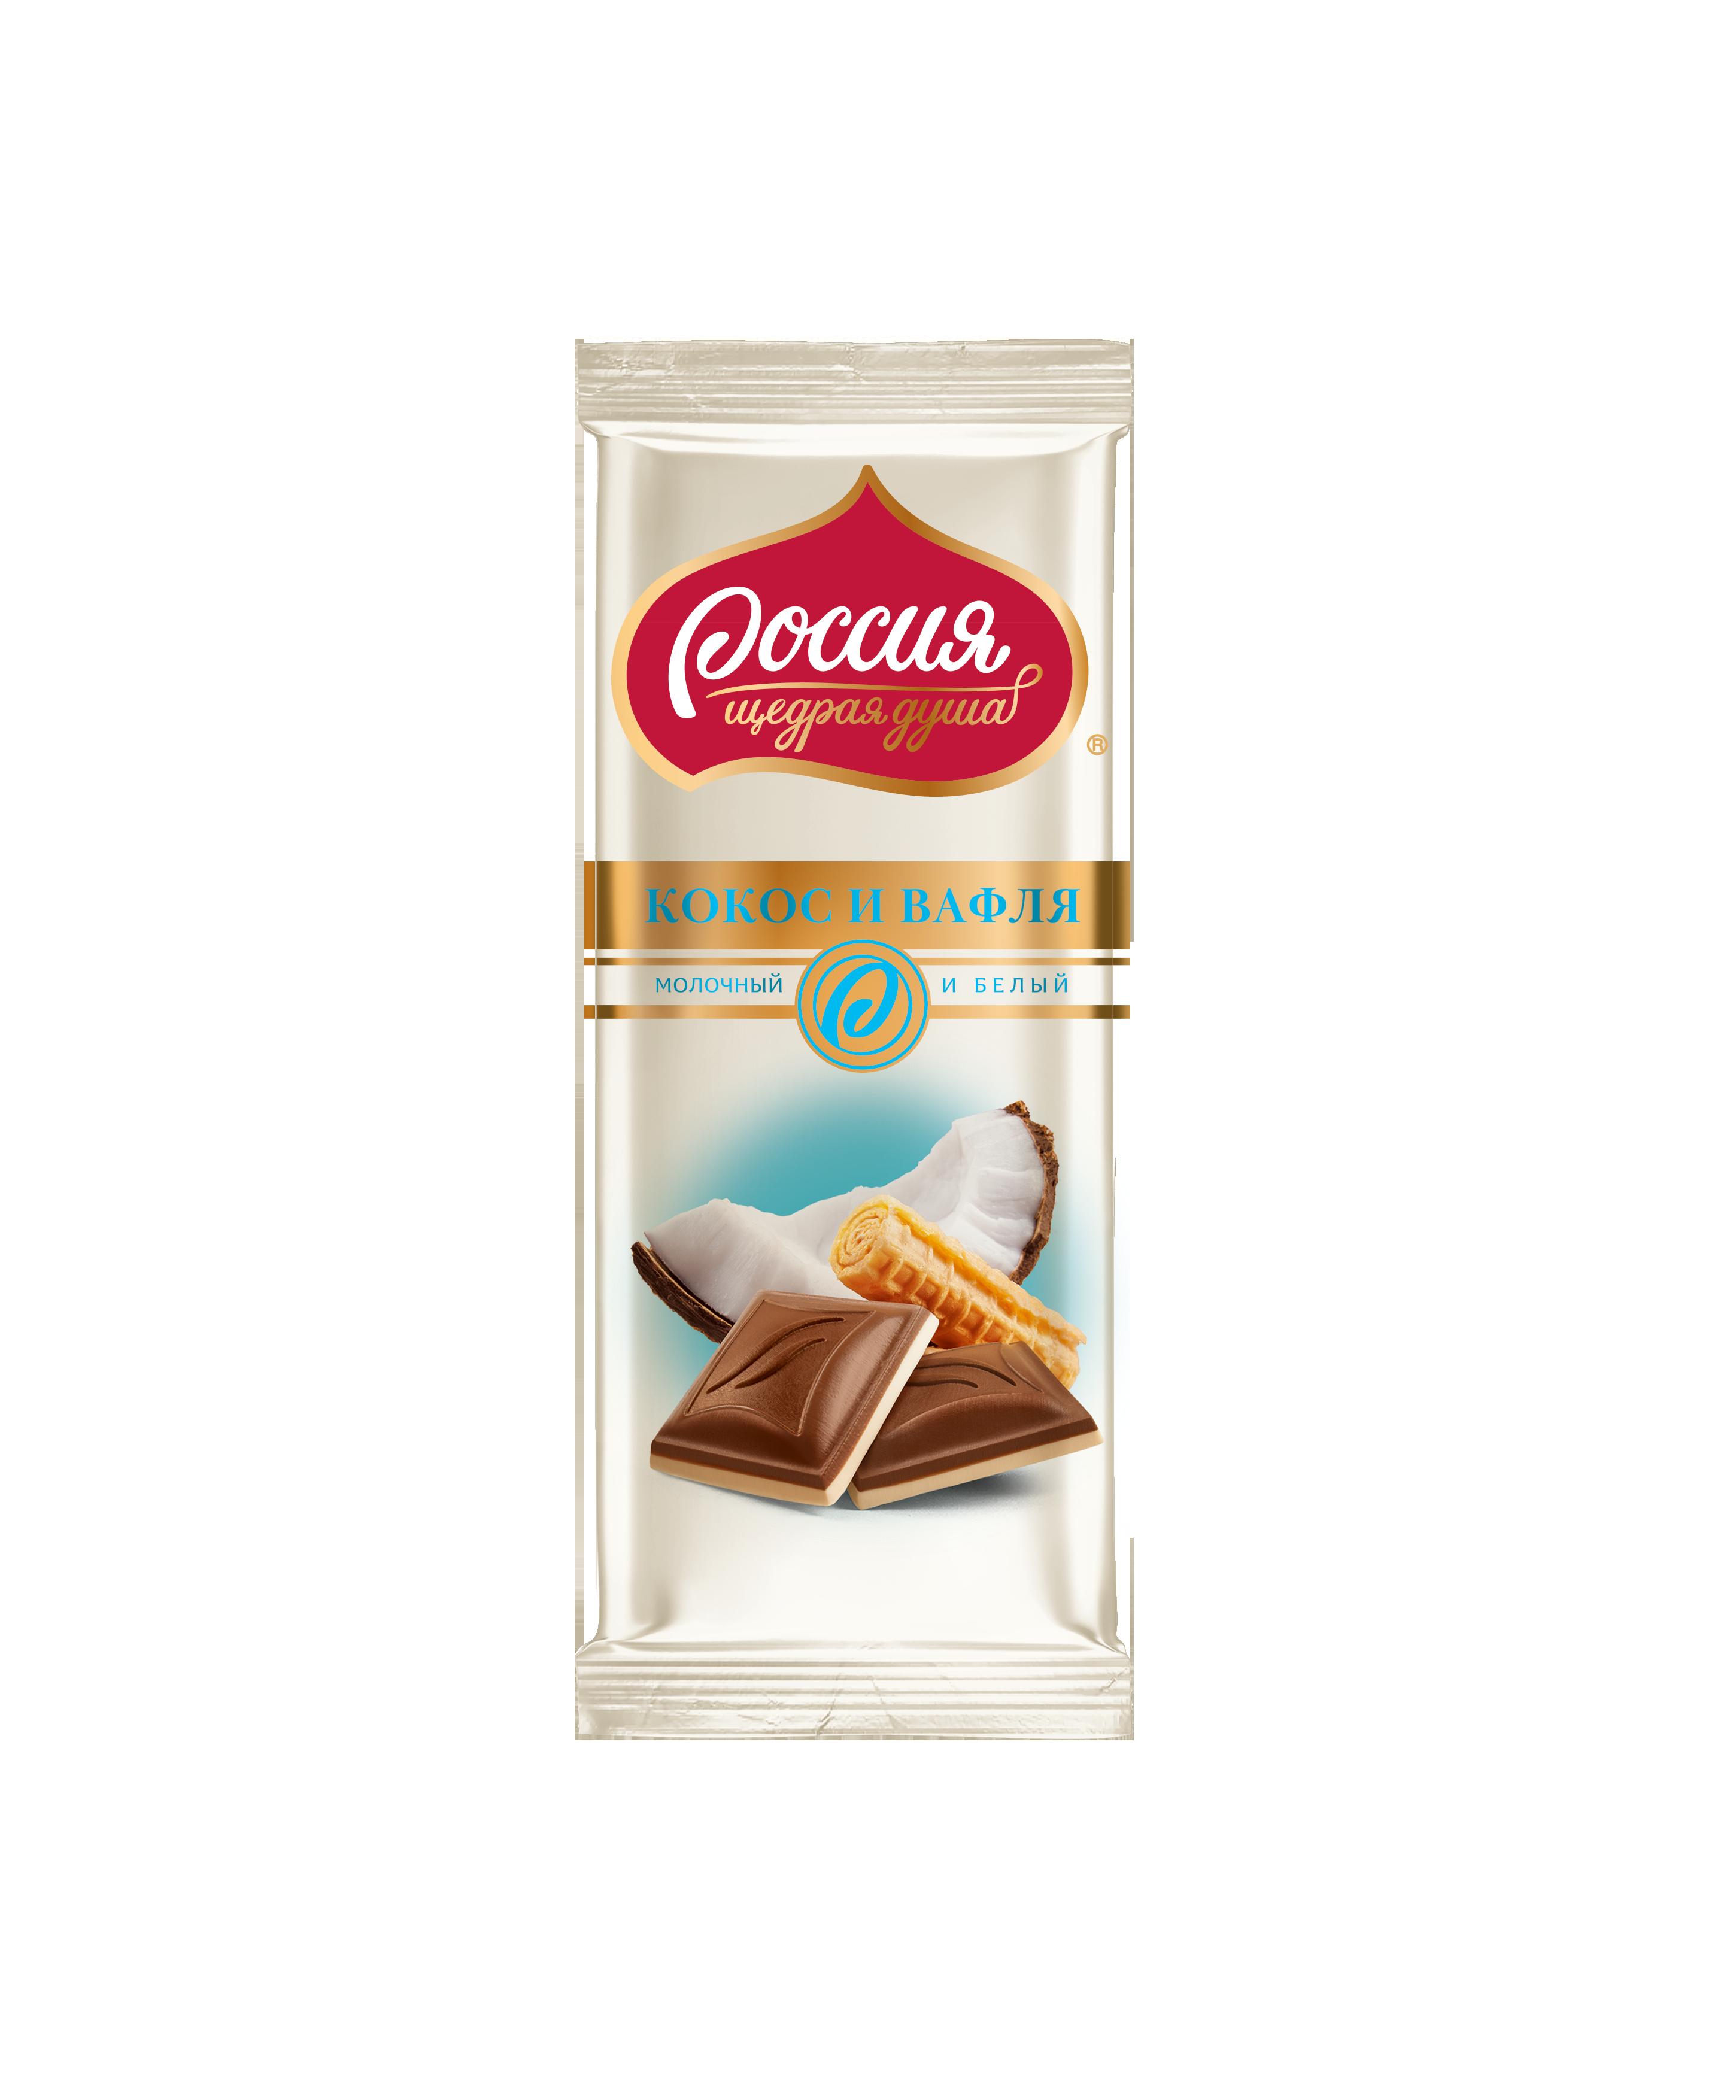 Шоколад молочный Россия щедрая душа с кокосом и вафлей 90 г